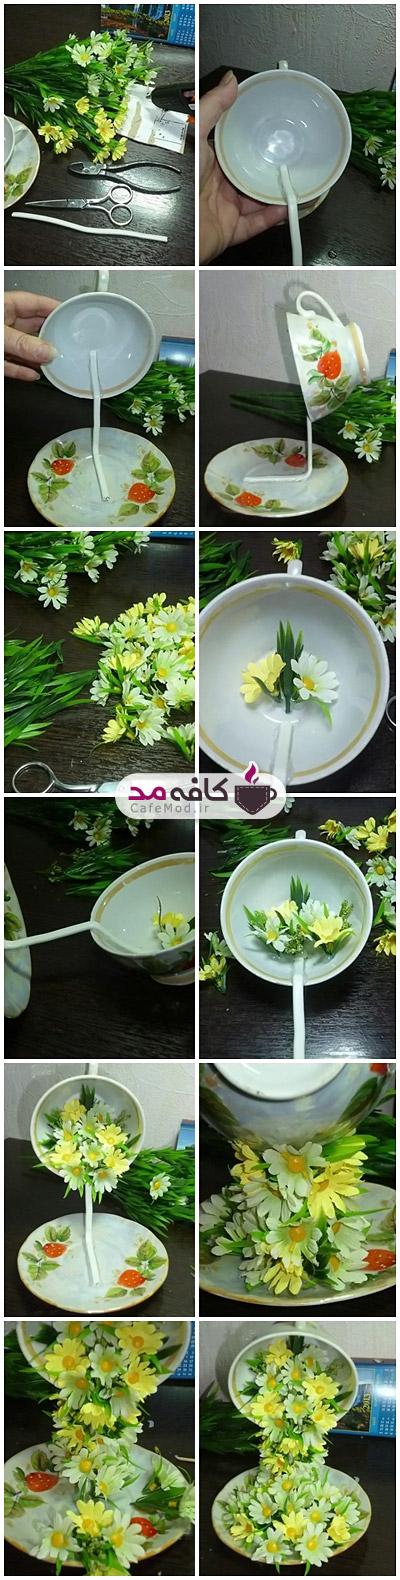 آموزش ساخت فنجان گل دکوری